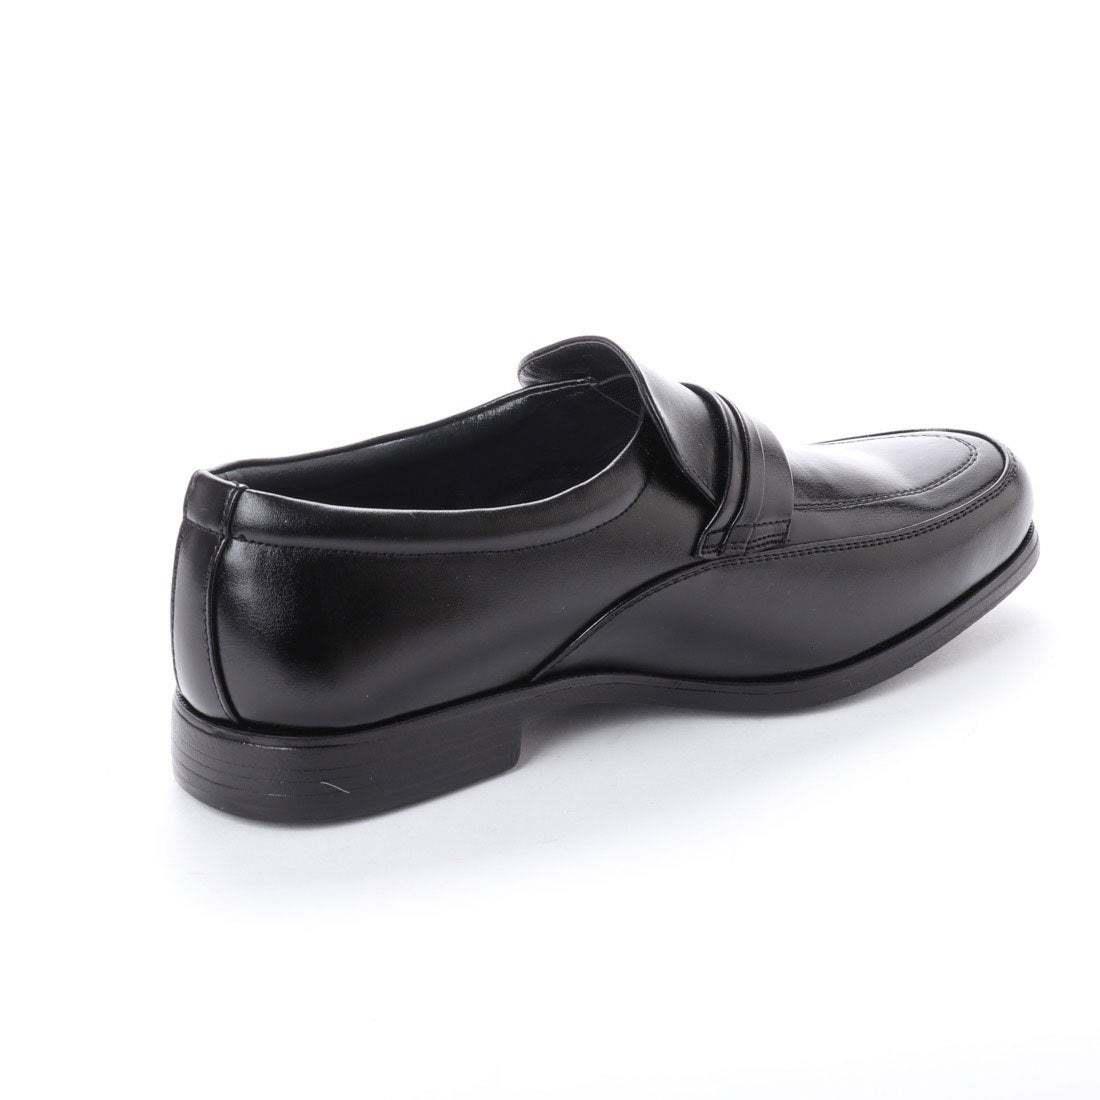 【安い】 超軽量 紳士靴 メンズ ビジネスシューズ スリッポン ウォーキングシューズ 幅広 4E 抗菌 防臭 1013 ブラック 黒 25.0cm